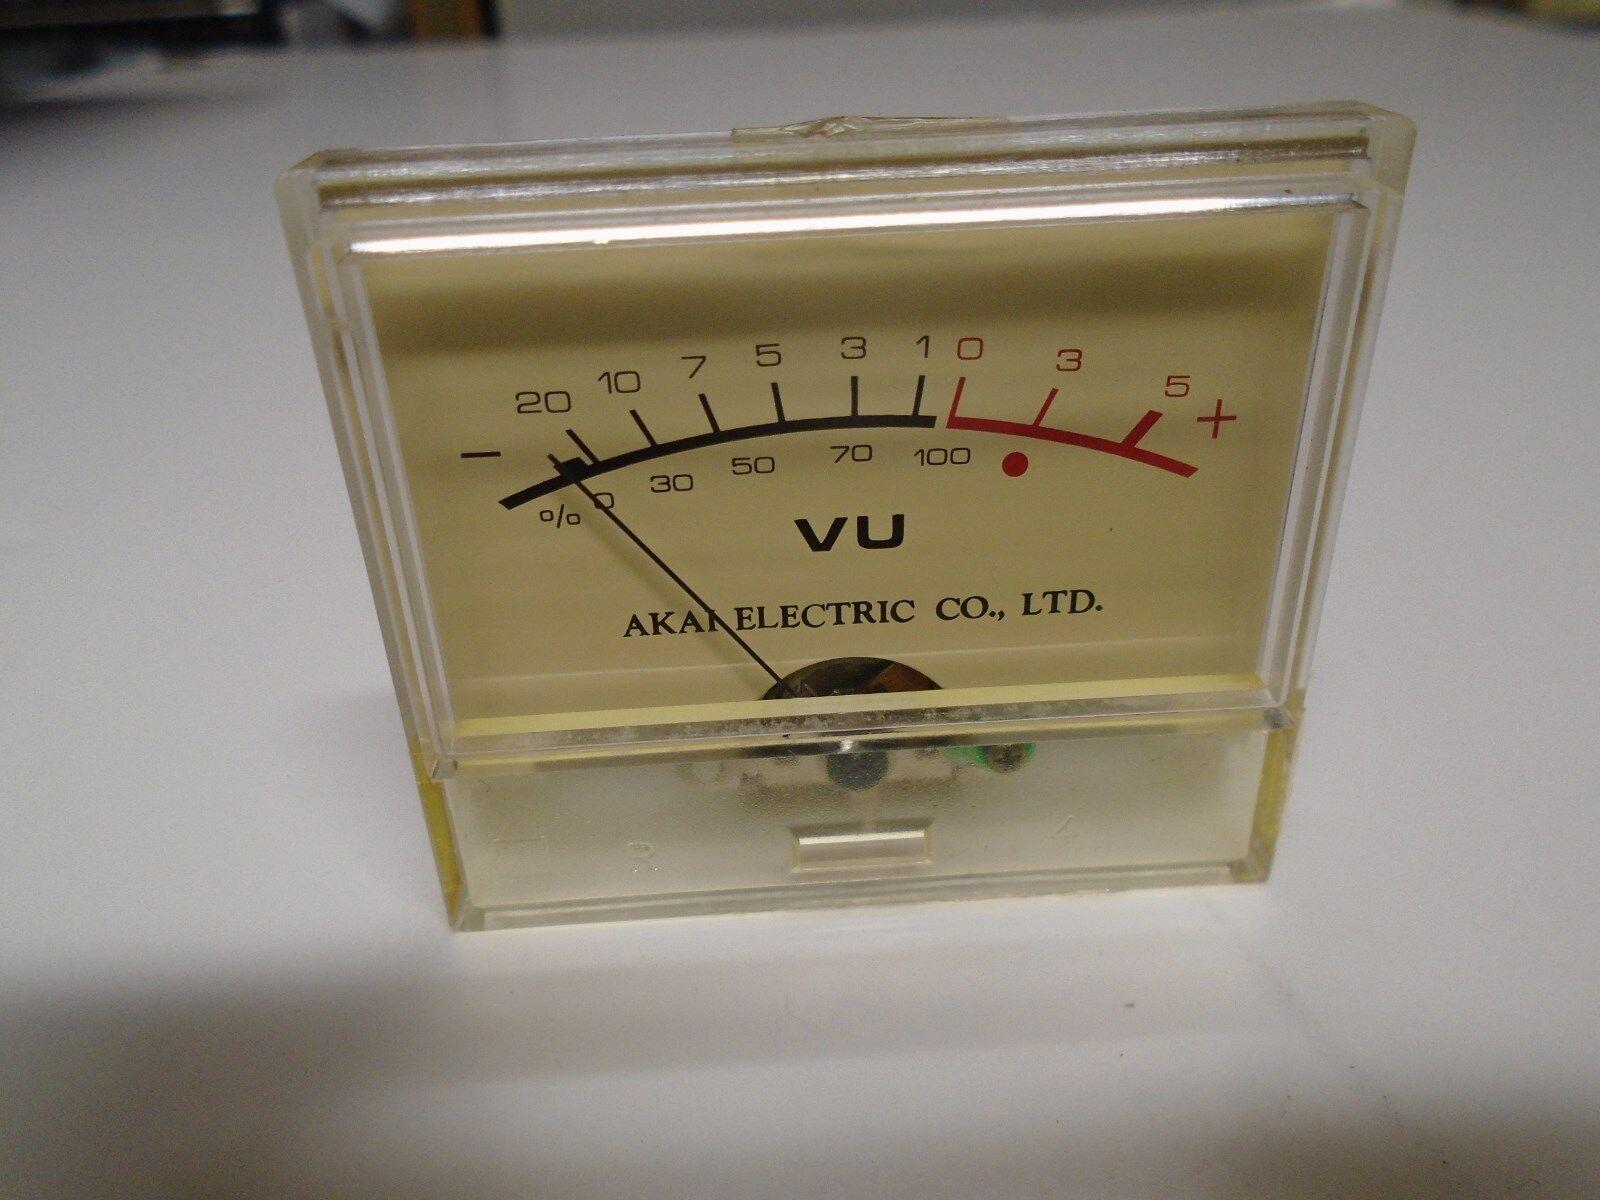 Akai 202d Ss Reel To Vu Meter Kl 243s 5 P N Em558180 Used 3